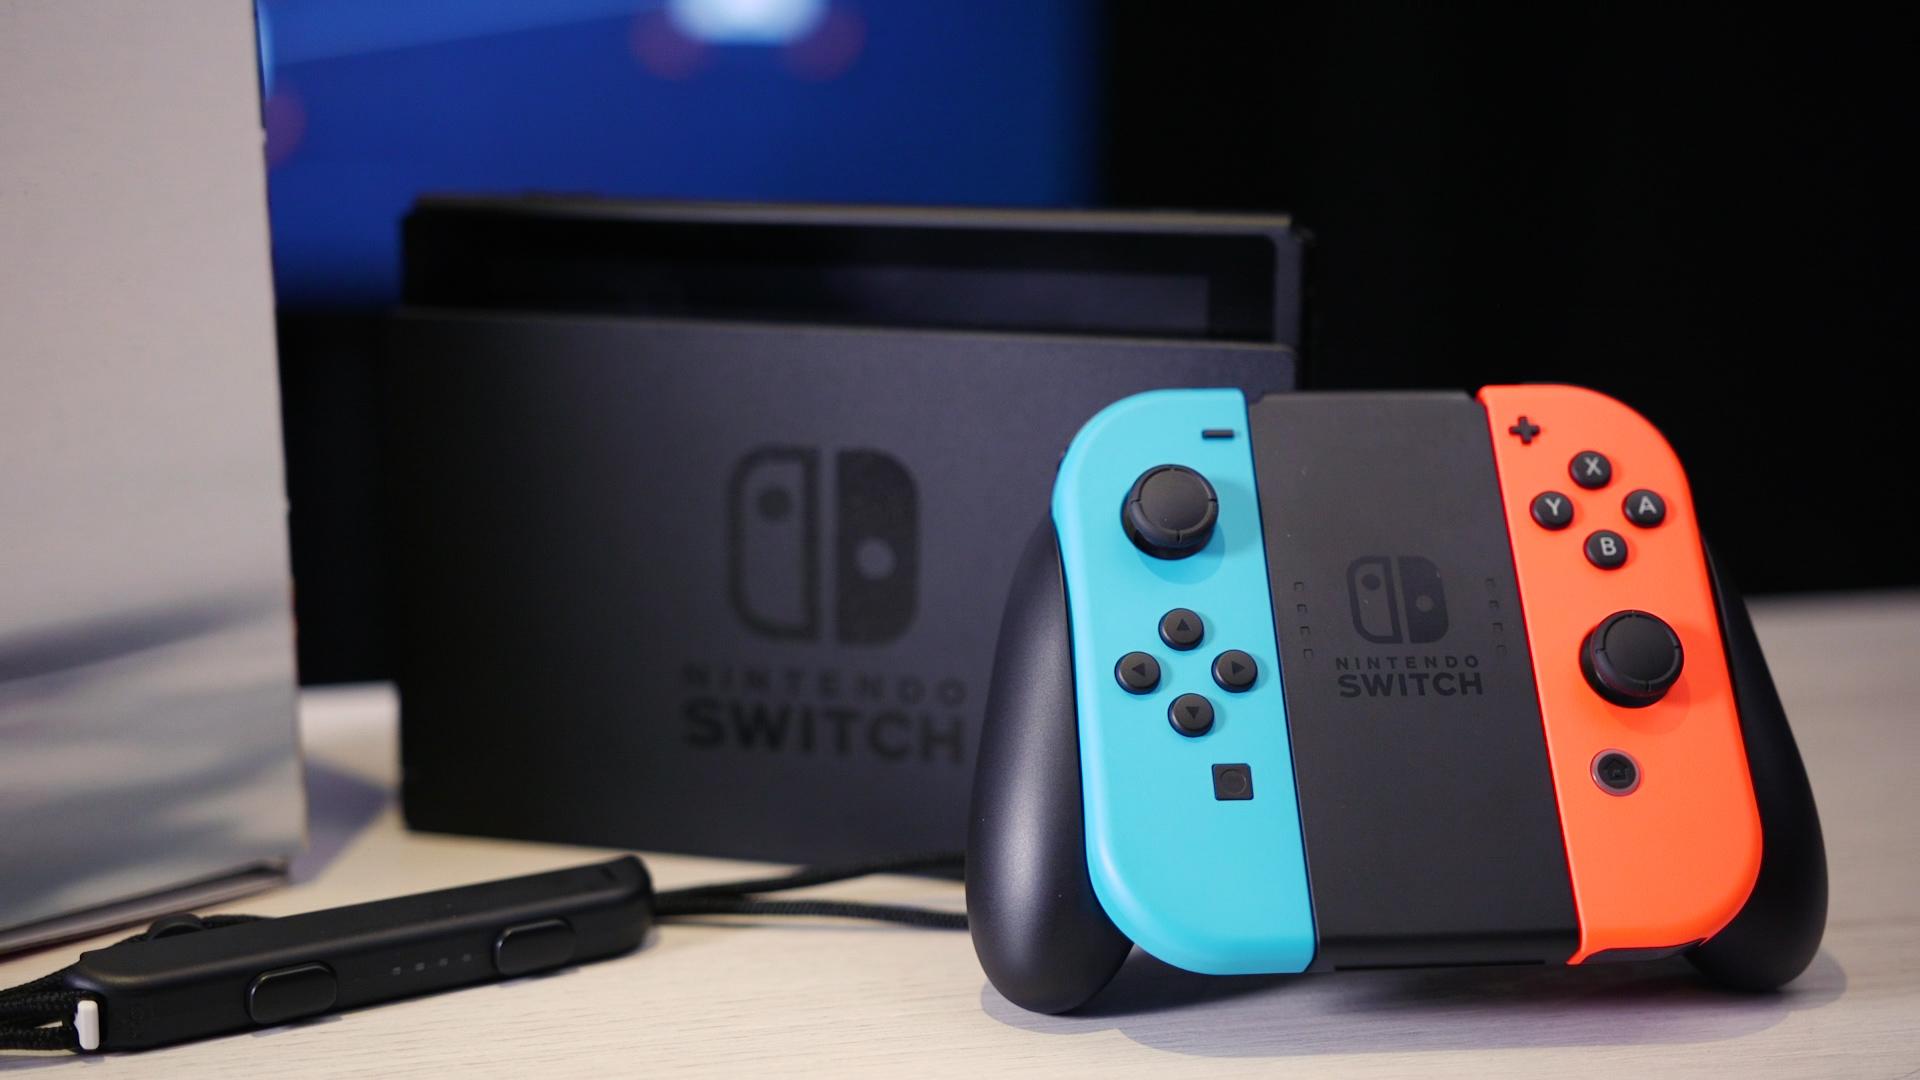 Компания Nintendo выпустит мини переключатель Switch в 2019г.